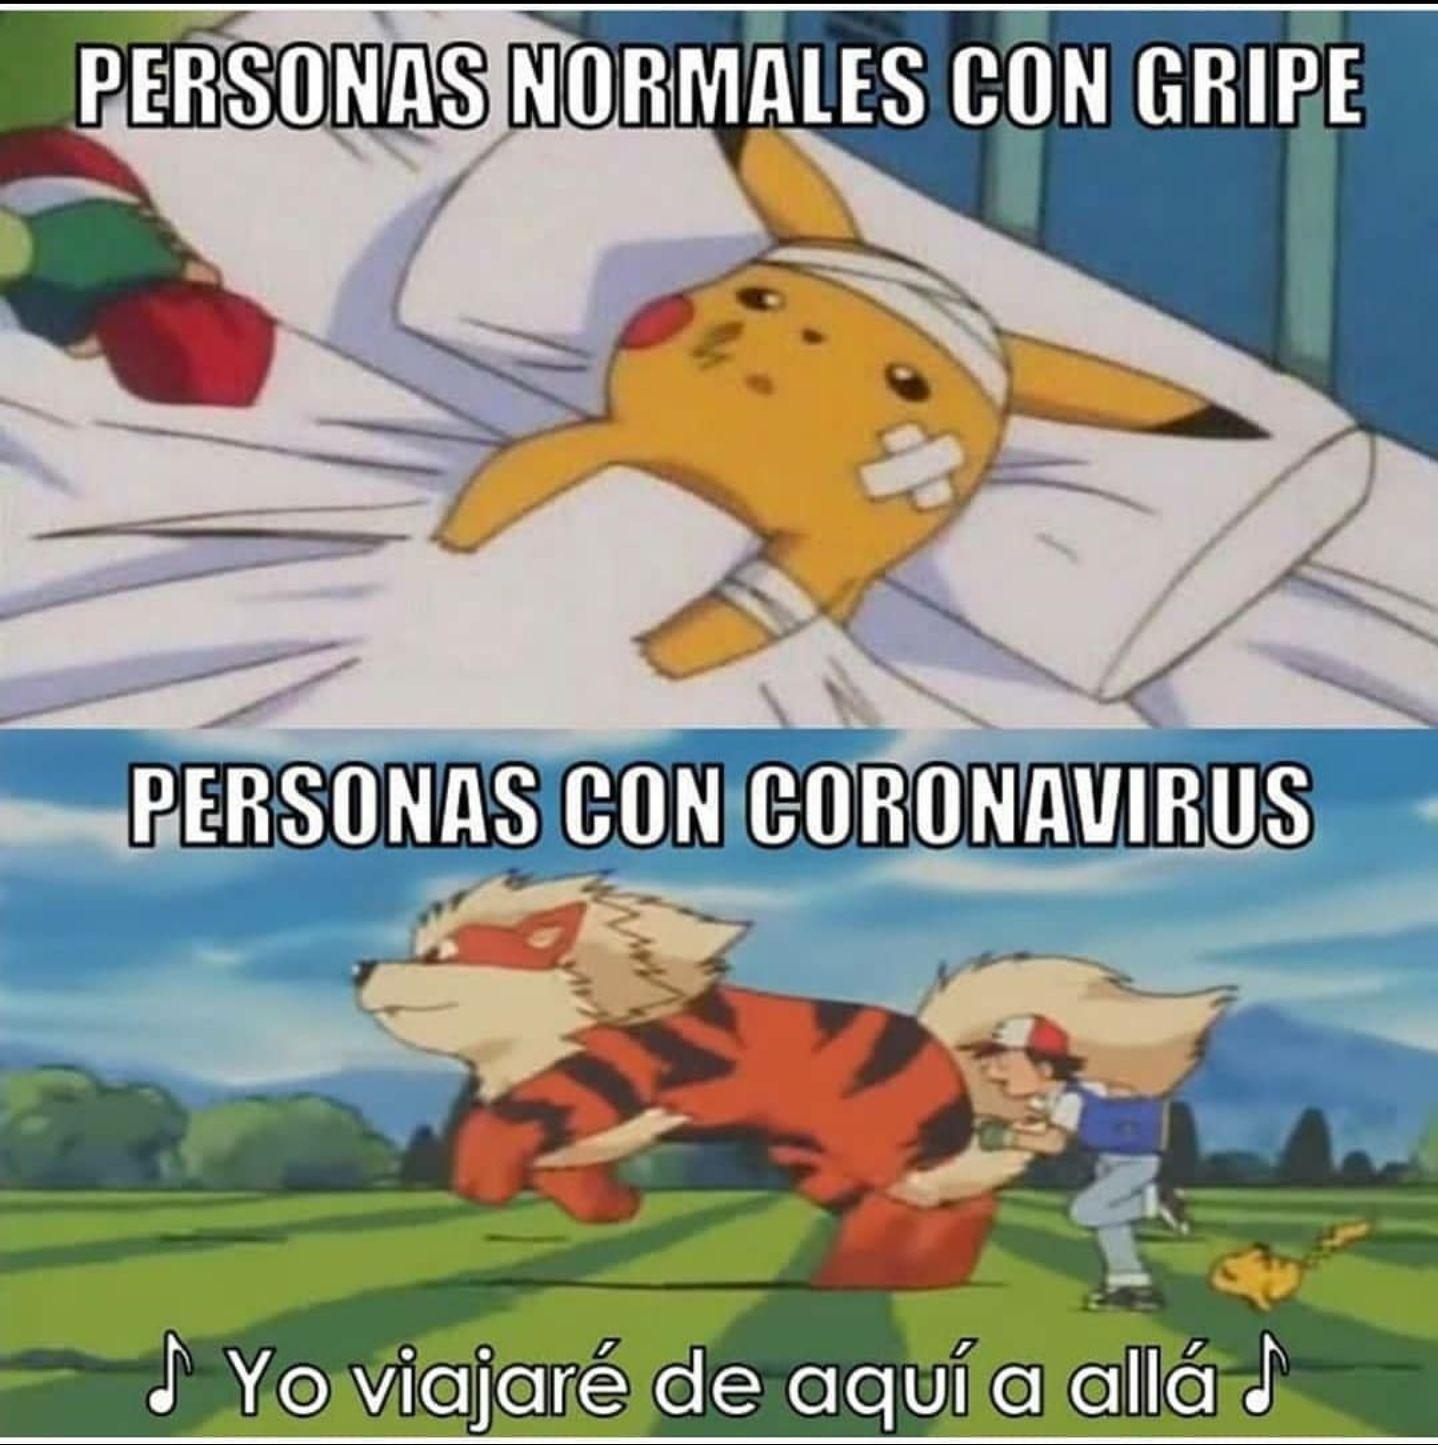 Mejores Memes Memes En Espanol Memes Meme Meme Del Dia Memes 2020 Memes Memes Divertidos Meme Gracioso